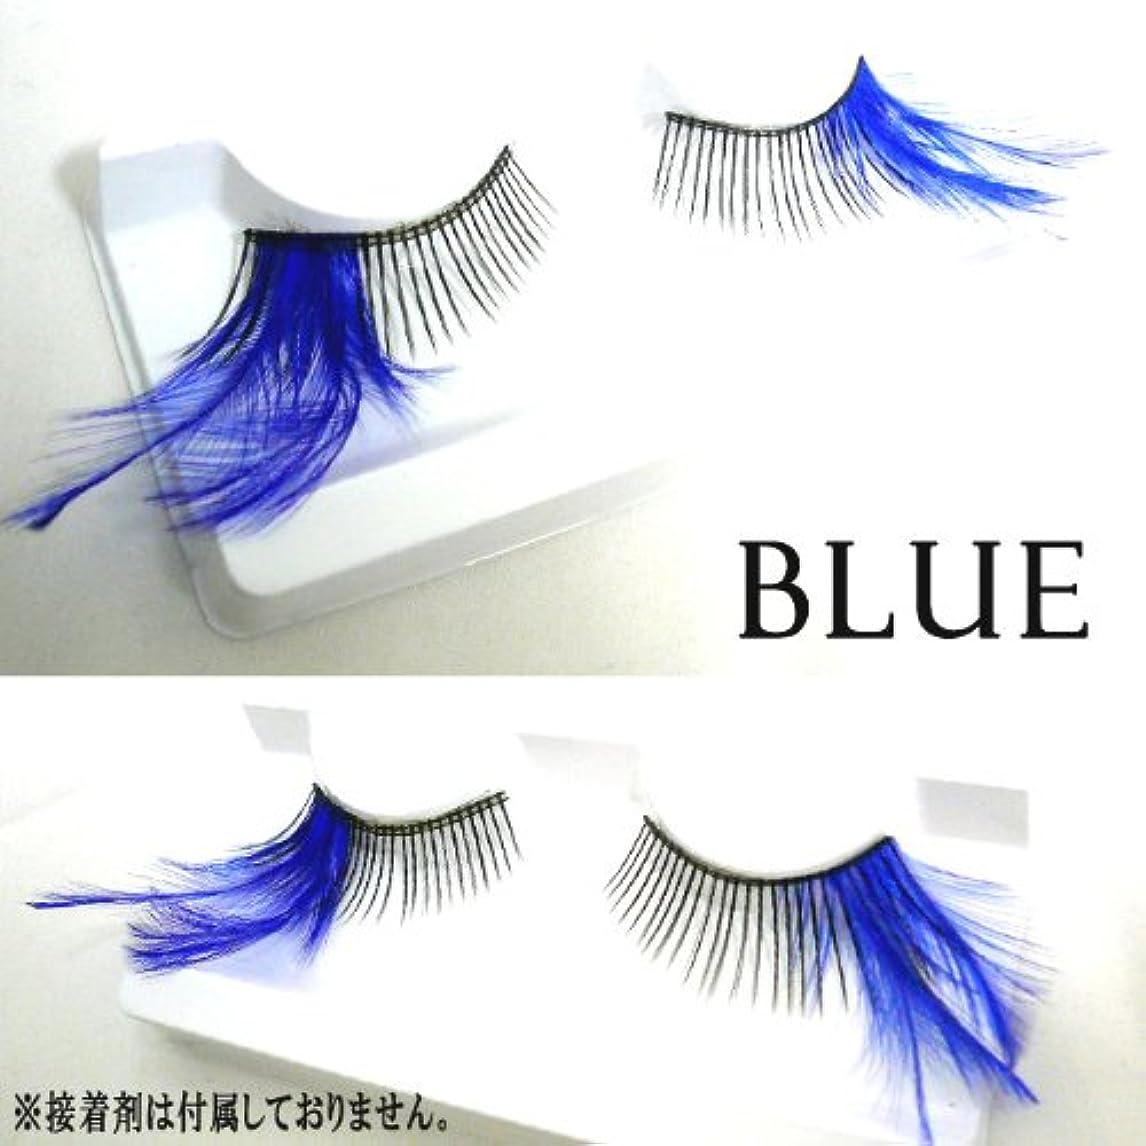 代わりにを立てる値下げ線羽付きつけまつげ つけまつげ 付けまつげ 羽付き 羽つき ダンス用 ダンス パーティー 発表会 tuke0012s ブルー